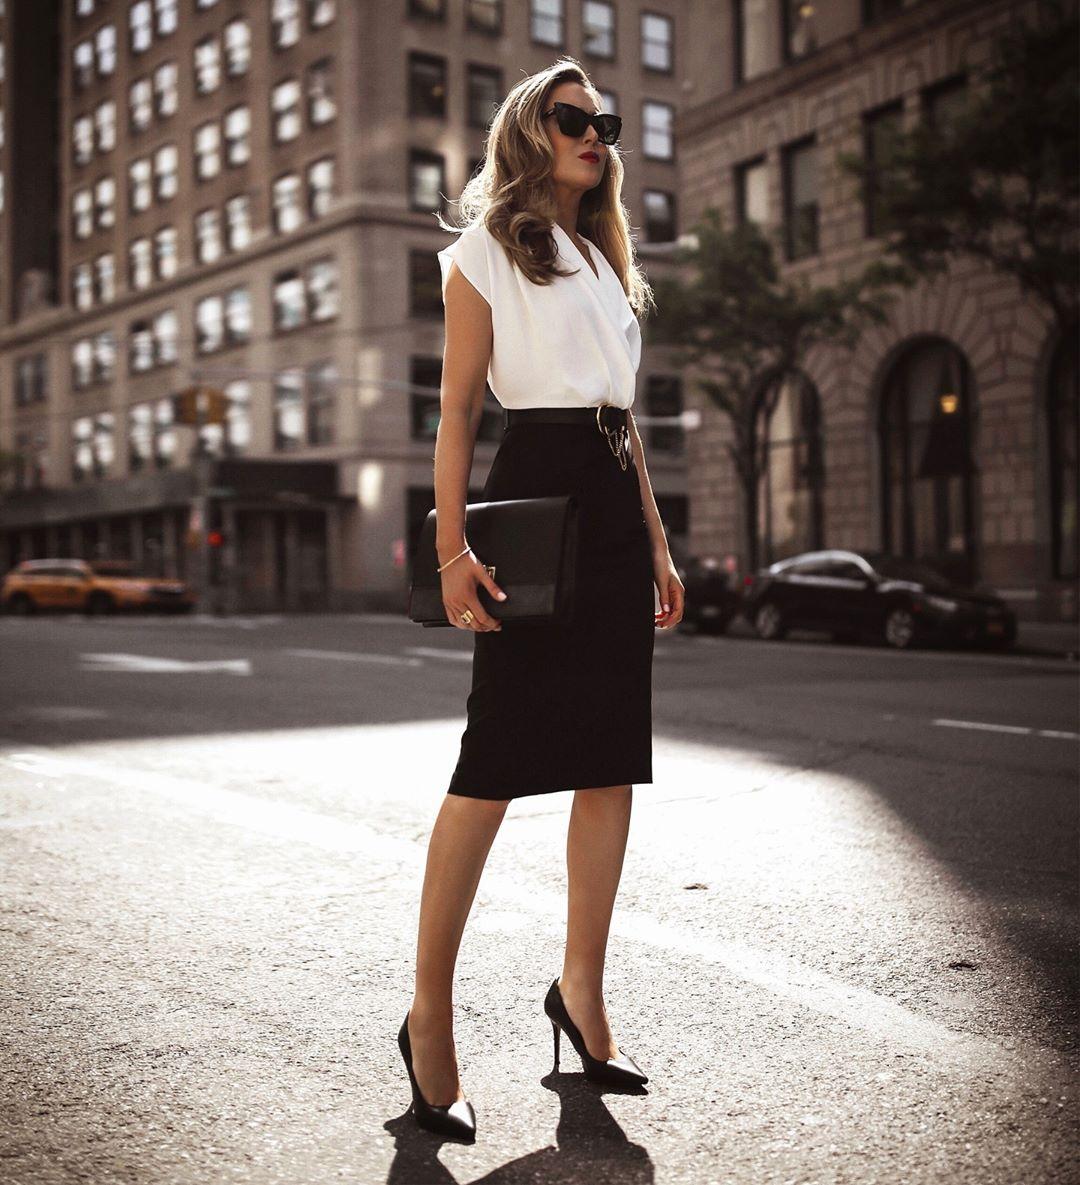 модный летние образы для деловых женщин фото 18